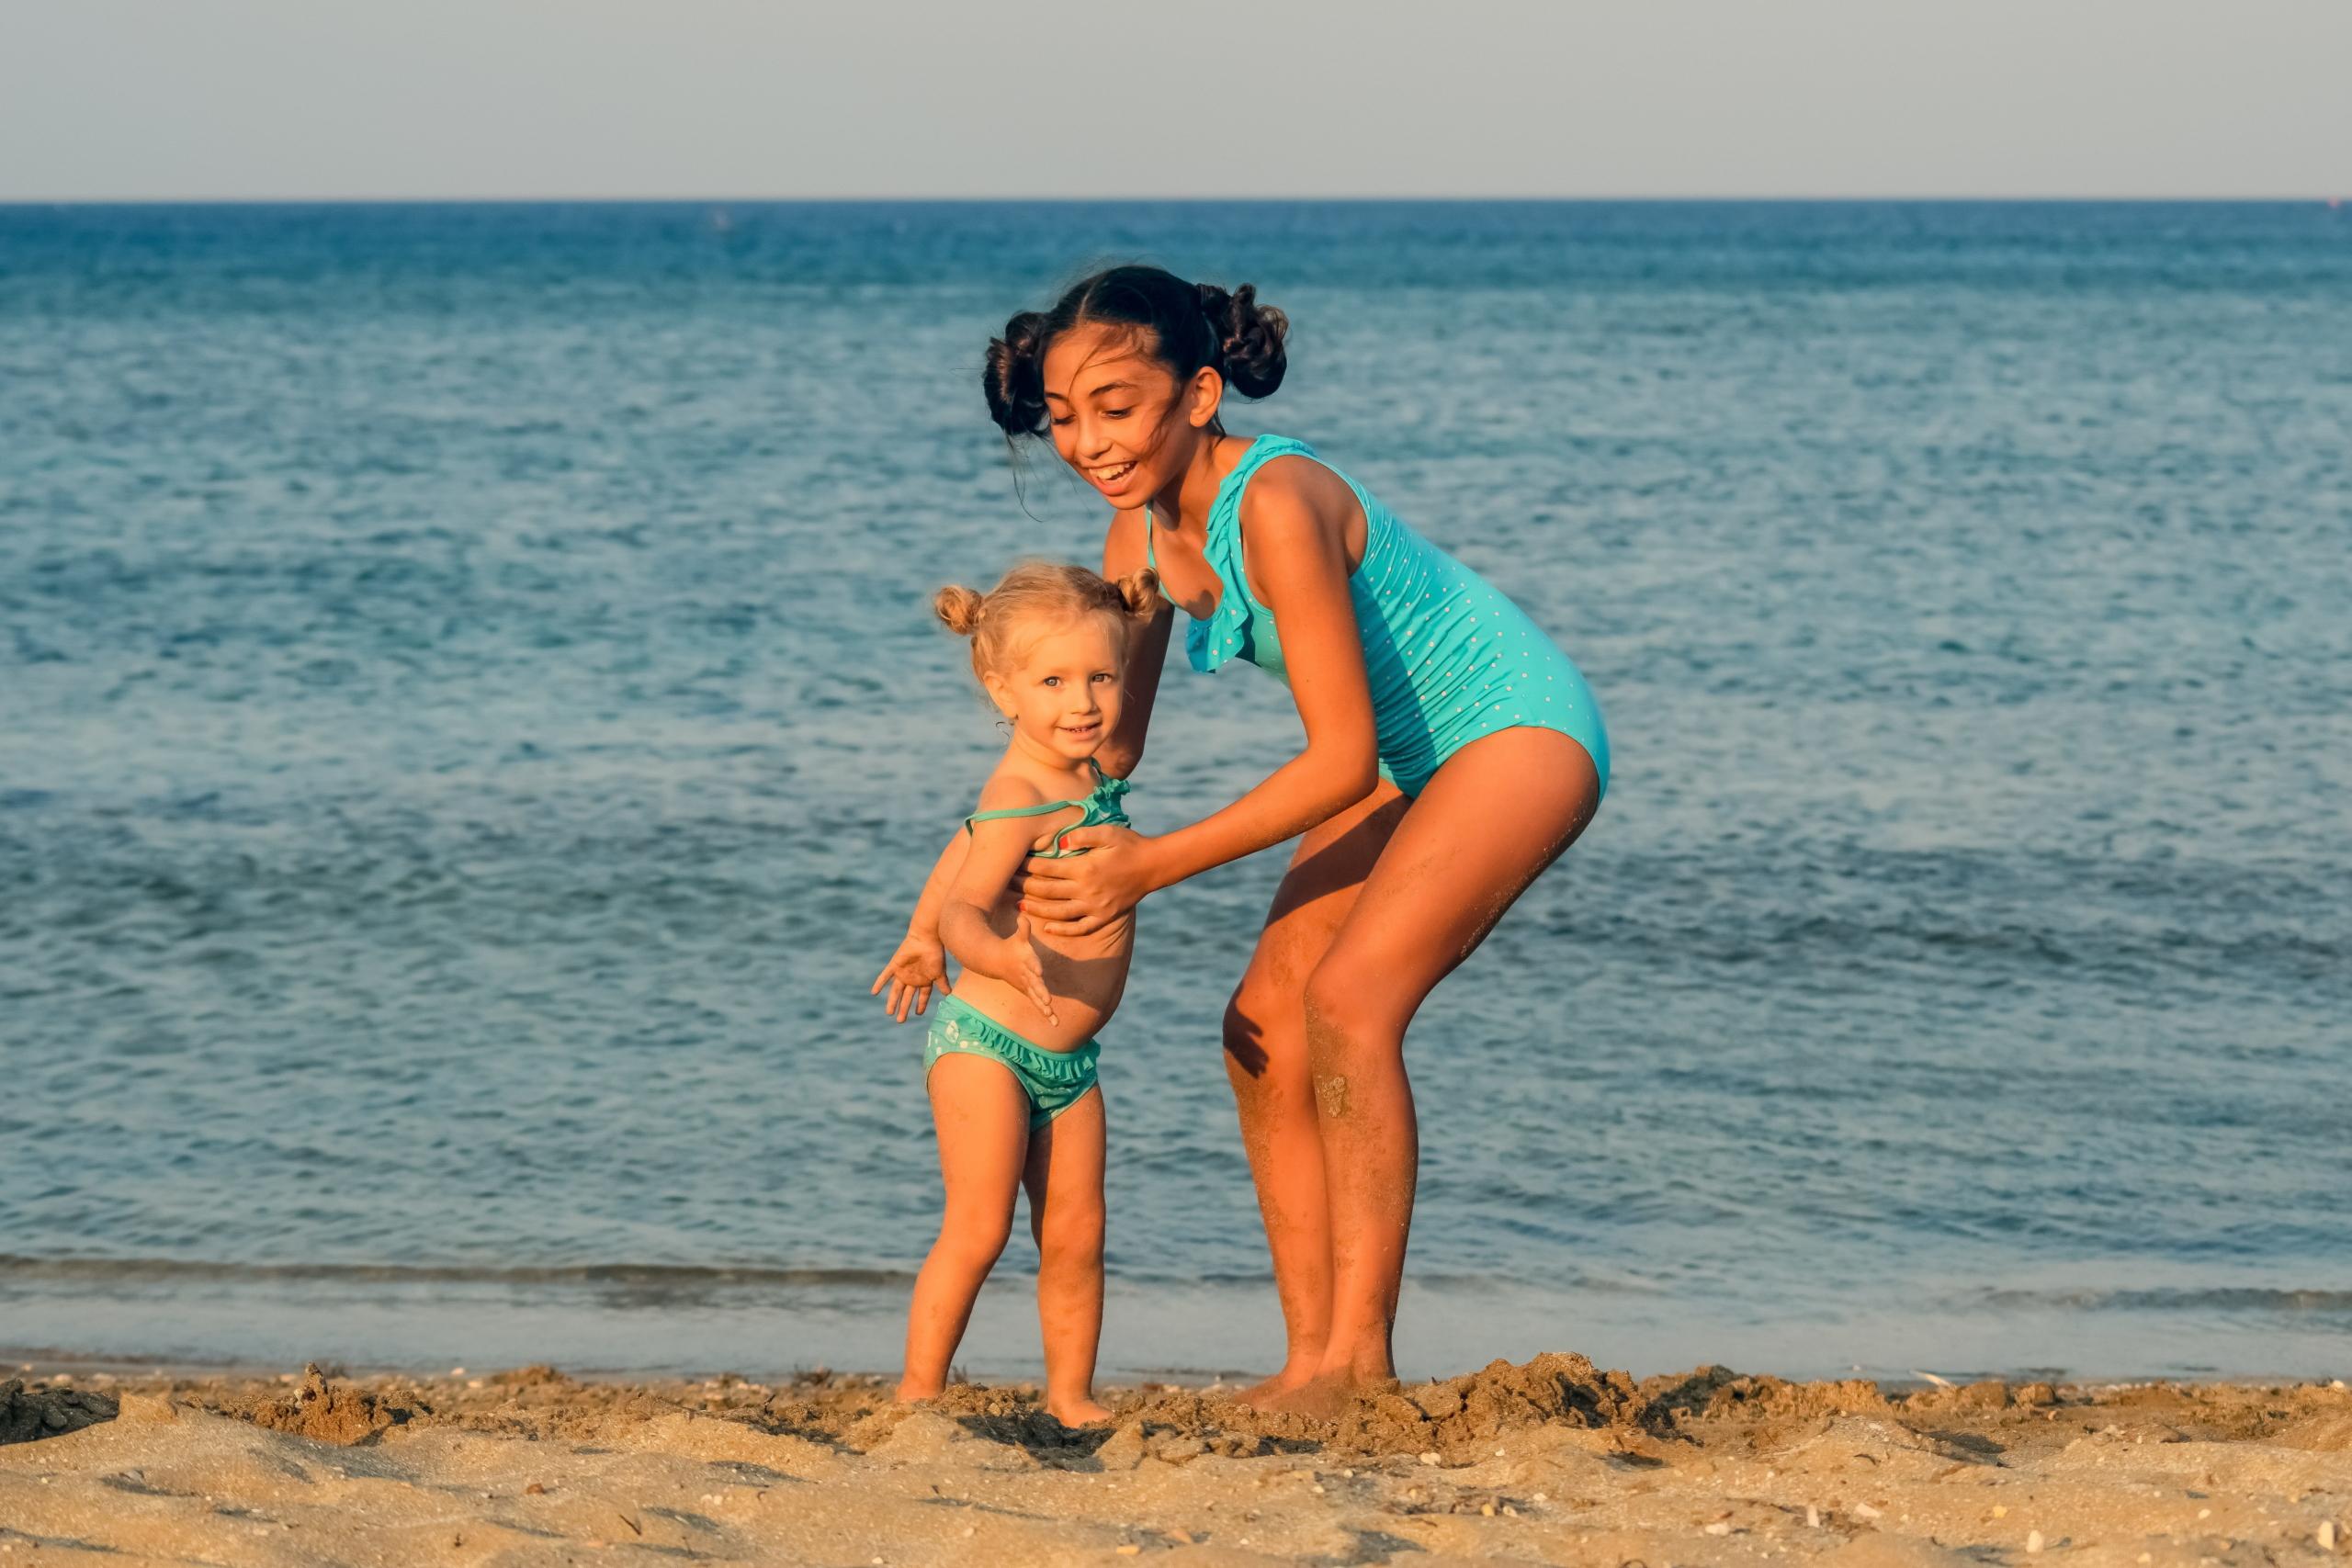 グアム観光を子連れで楽しむ旅行の秘訣